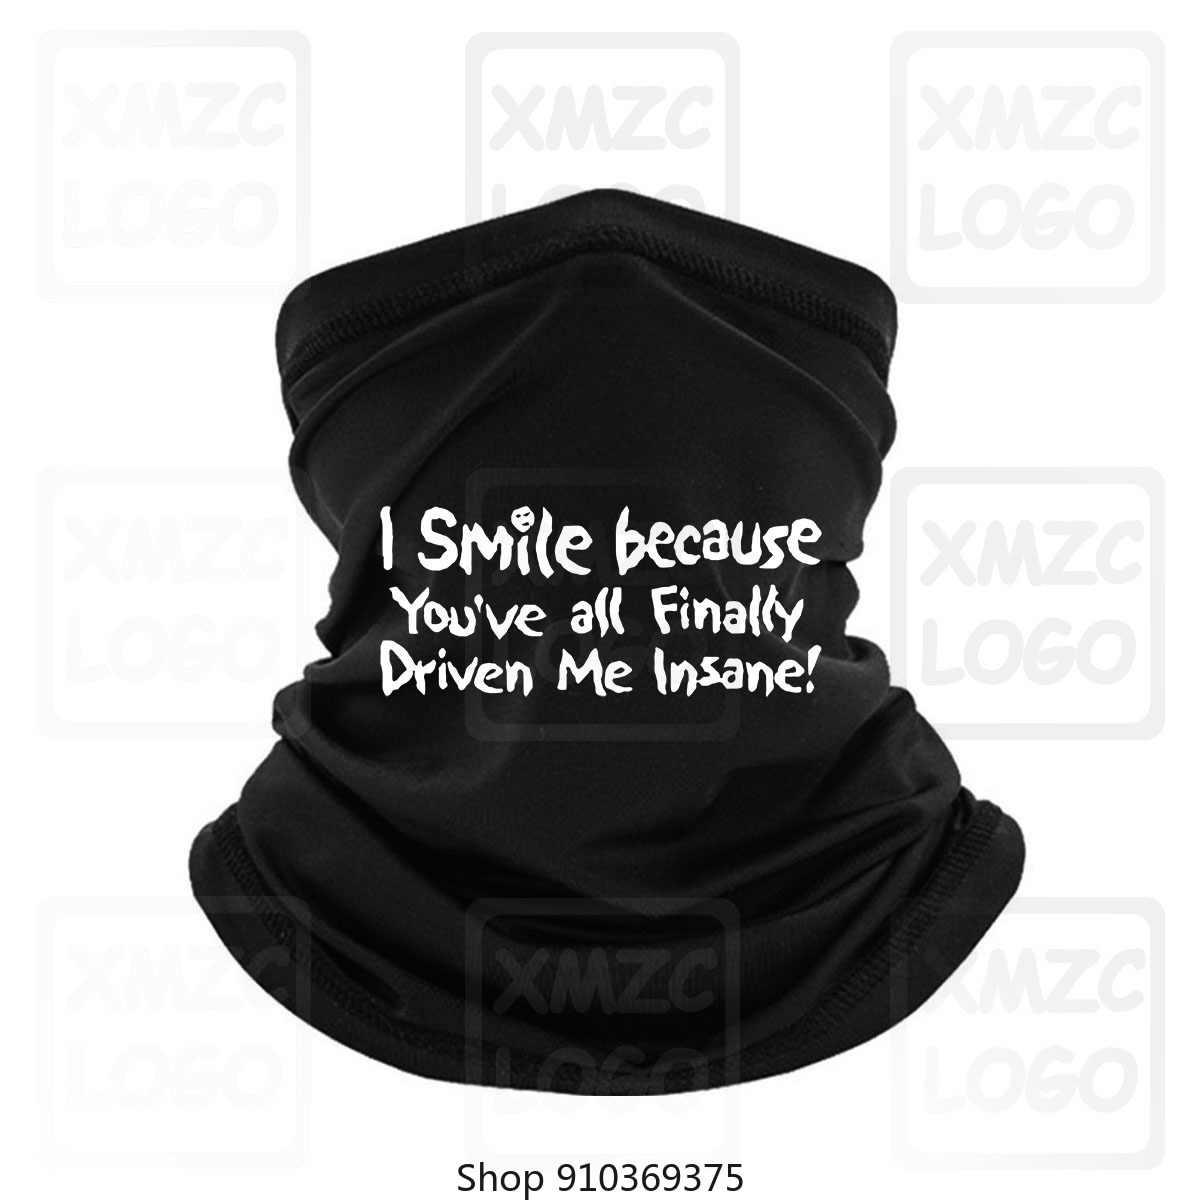 Аутентичный фильм робокоп Ocp Omni потребительские товары логотип для взрослых Мягкая бандана Топ повязка на голову шарф бандана для шеи теплые женские и мужские